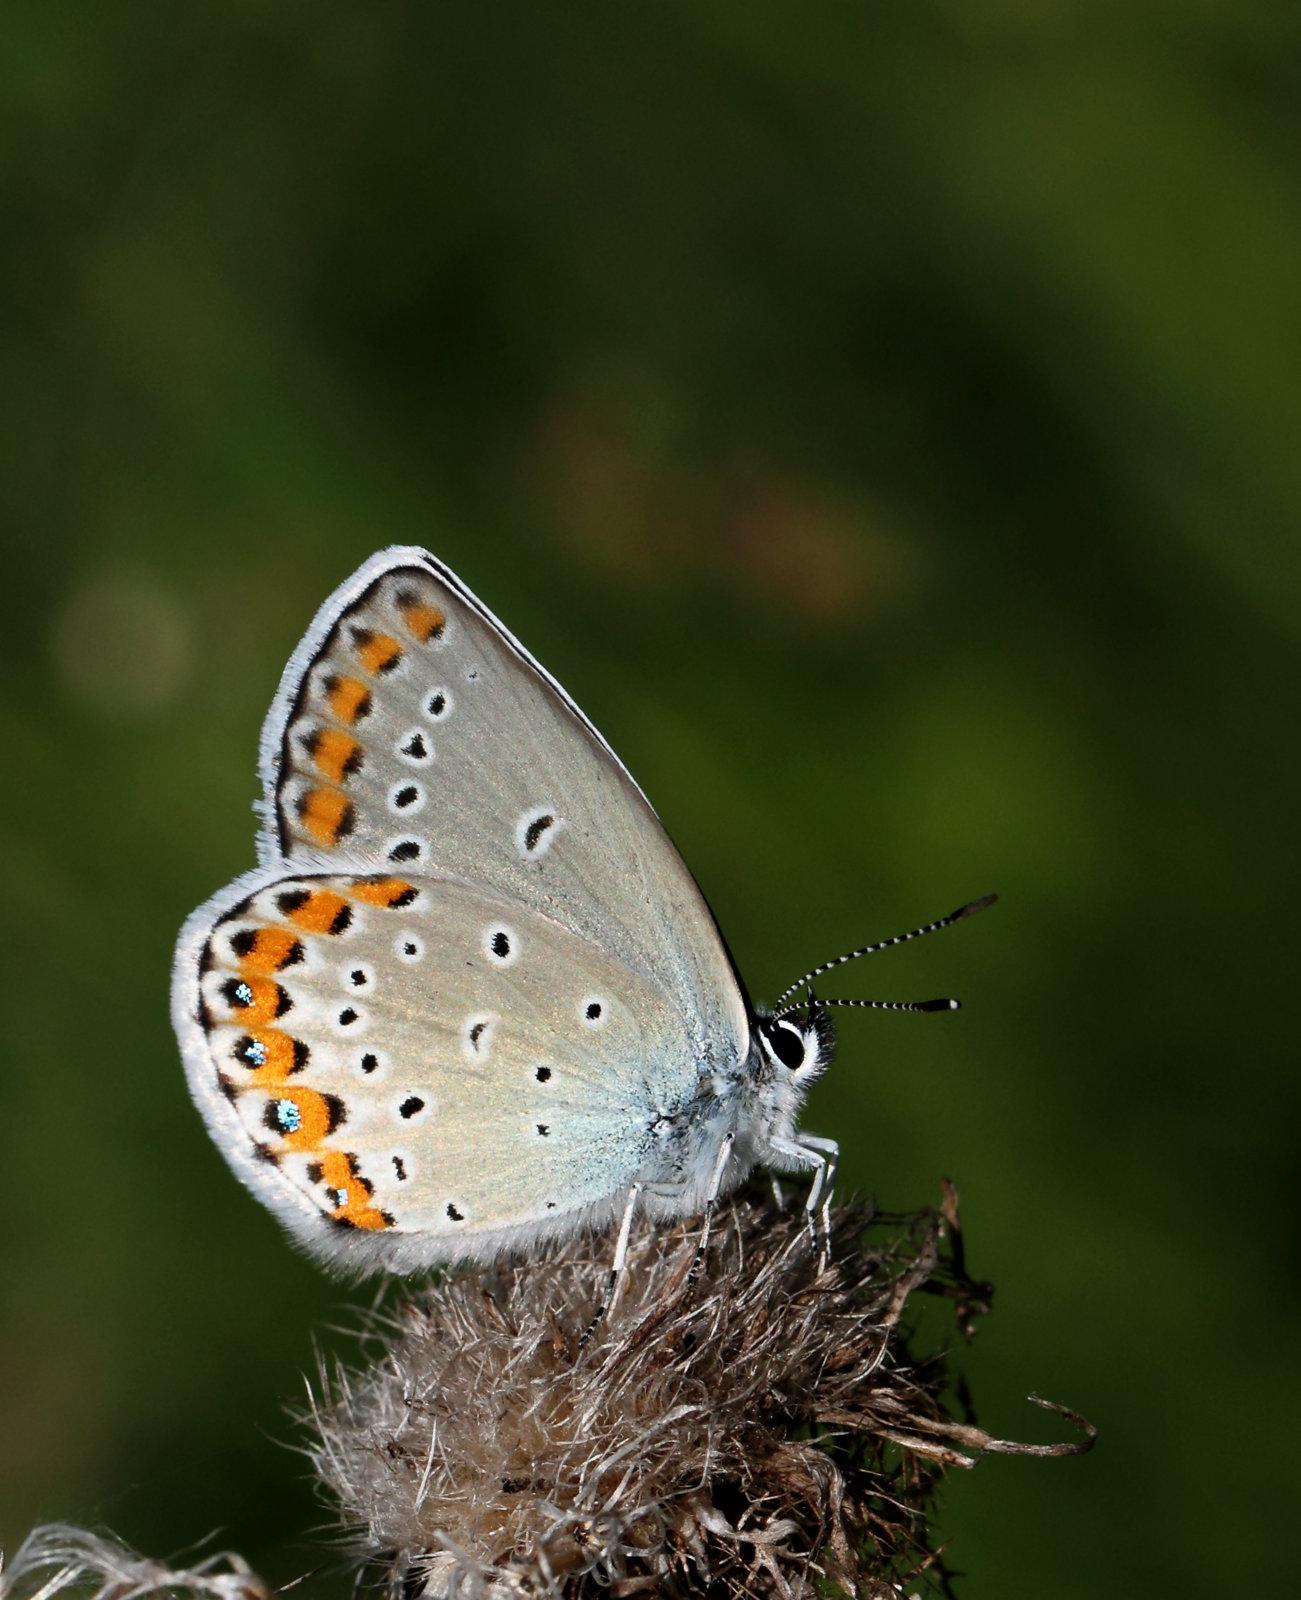 Astragelblåfugl, Plebejus argyrognomon